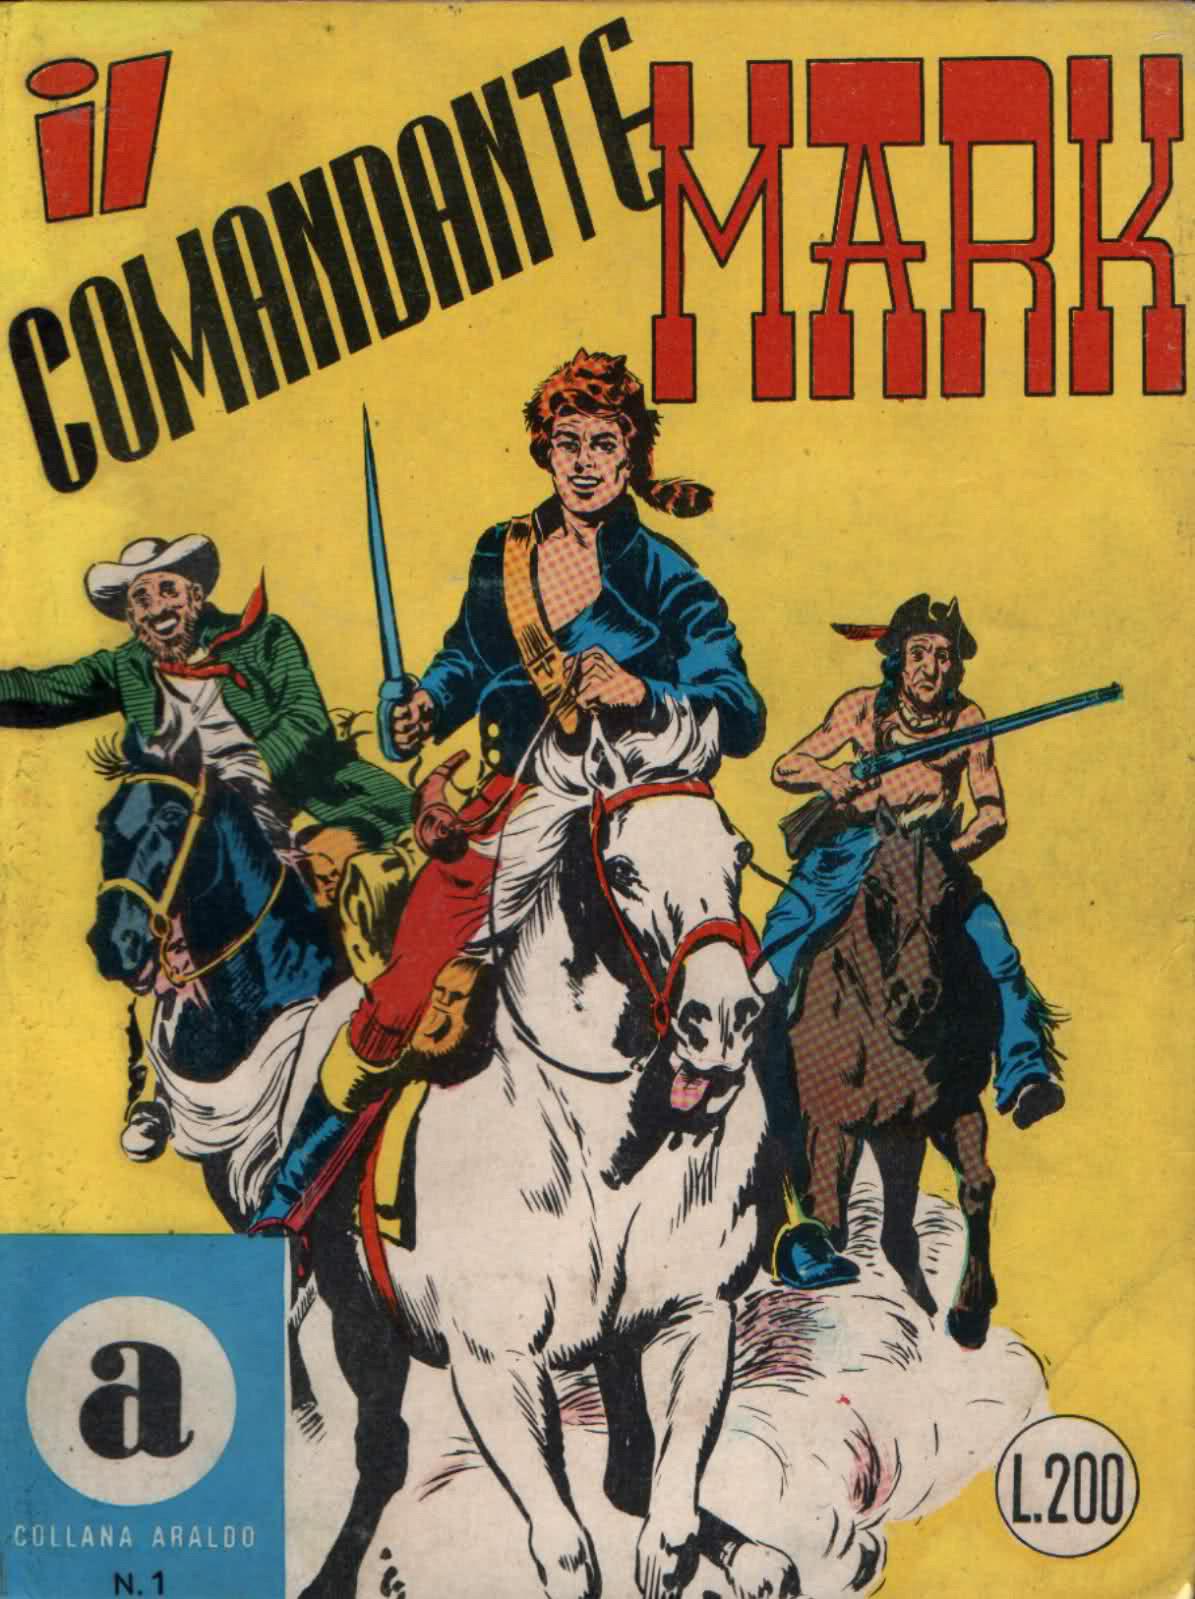 Comandante Mark Edizioni Arlaldo N° 1